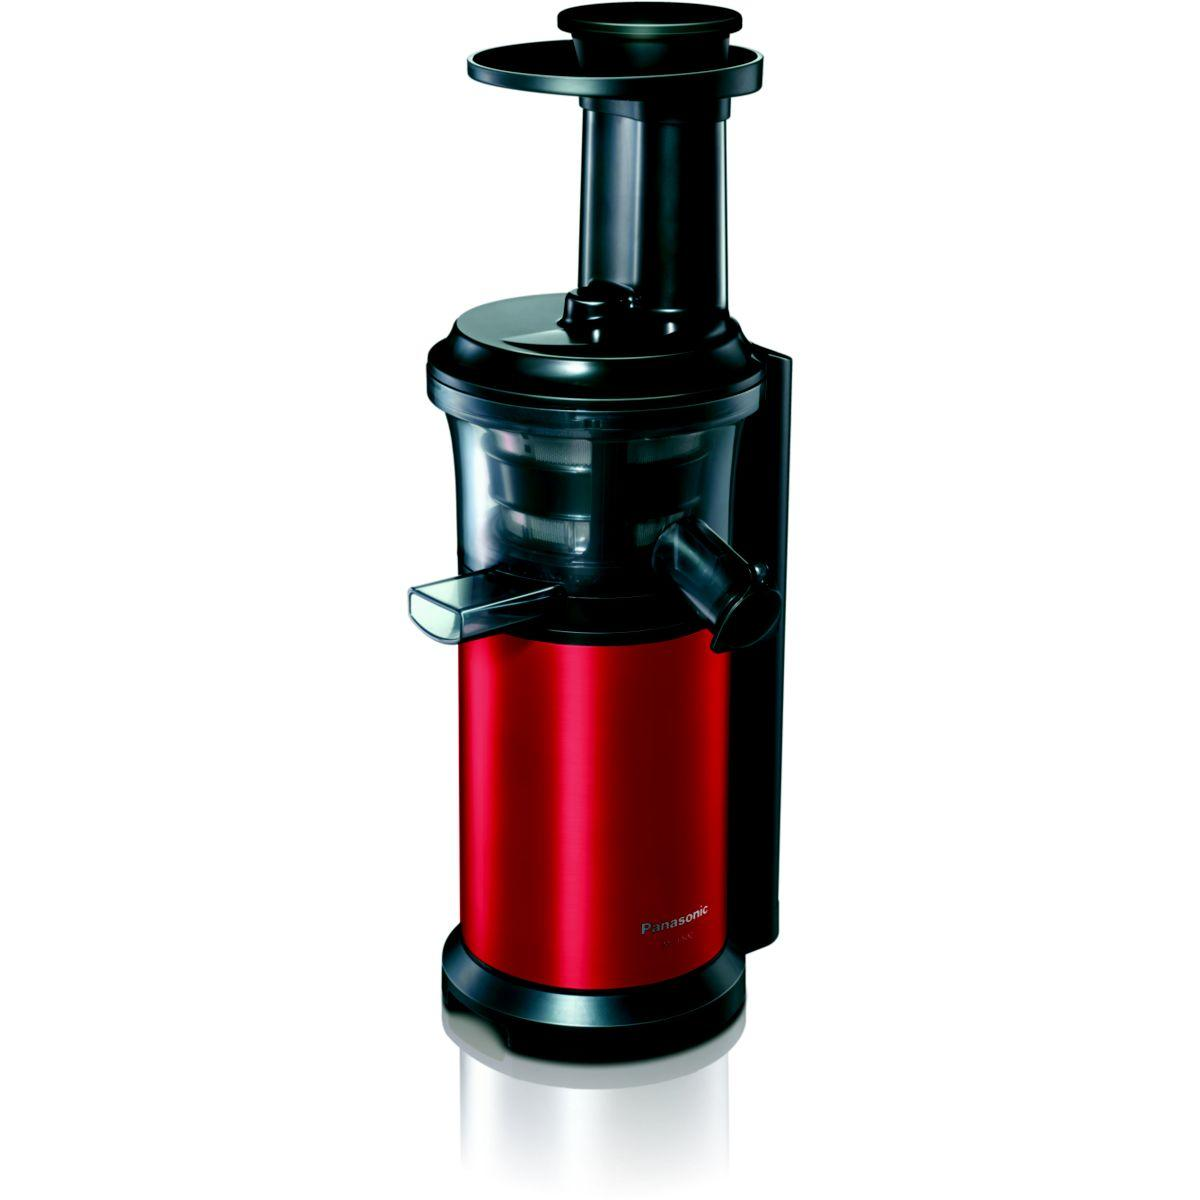 Extracteur jus panasonic mj-l500rxe roug - 2% de remise imm�diate avec le code : noel2 (photo)